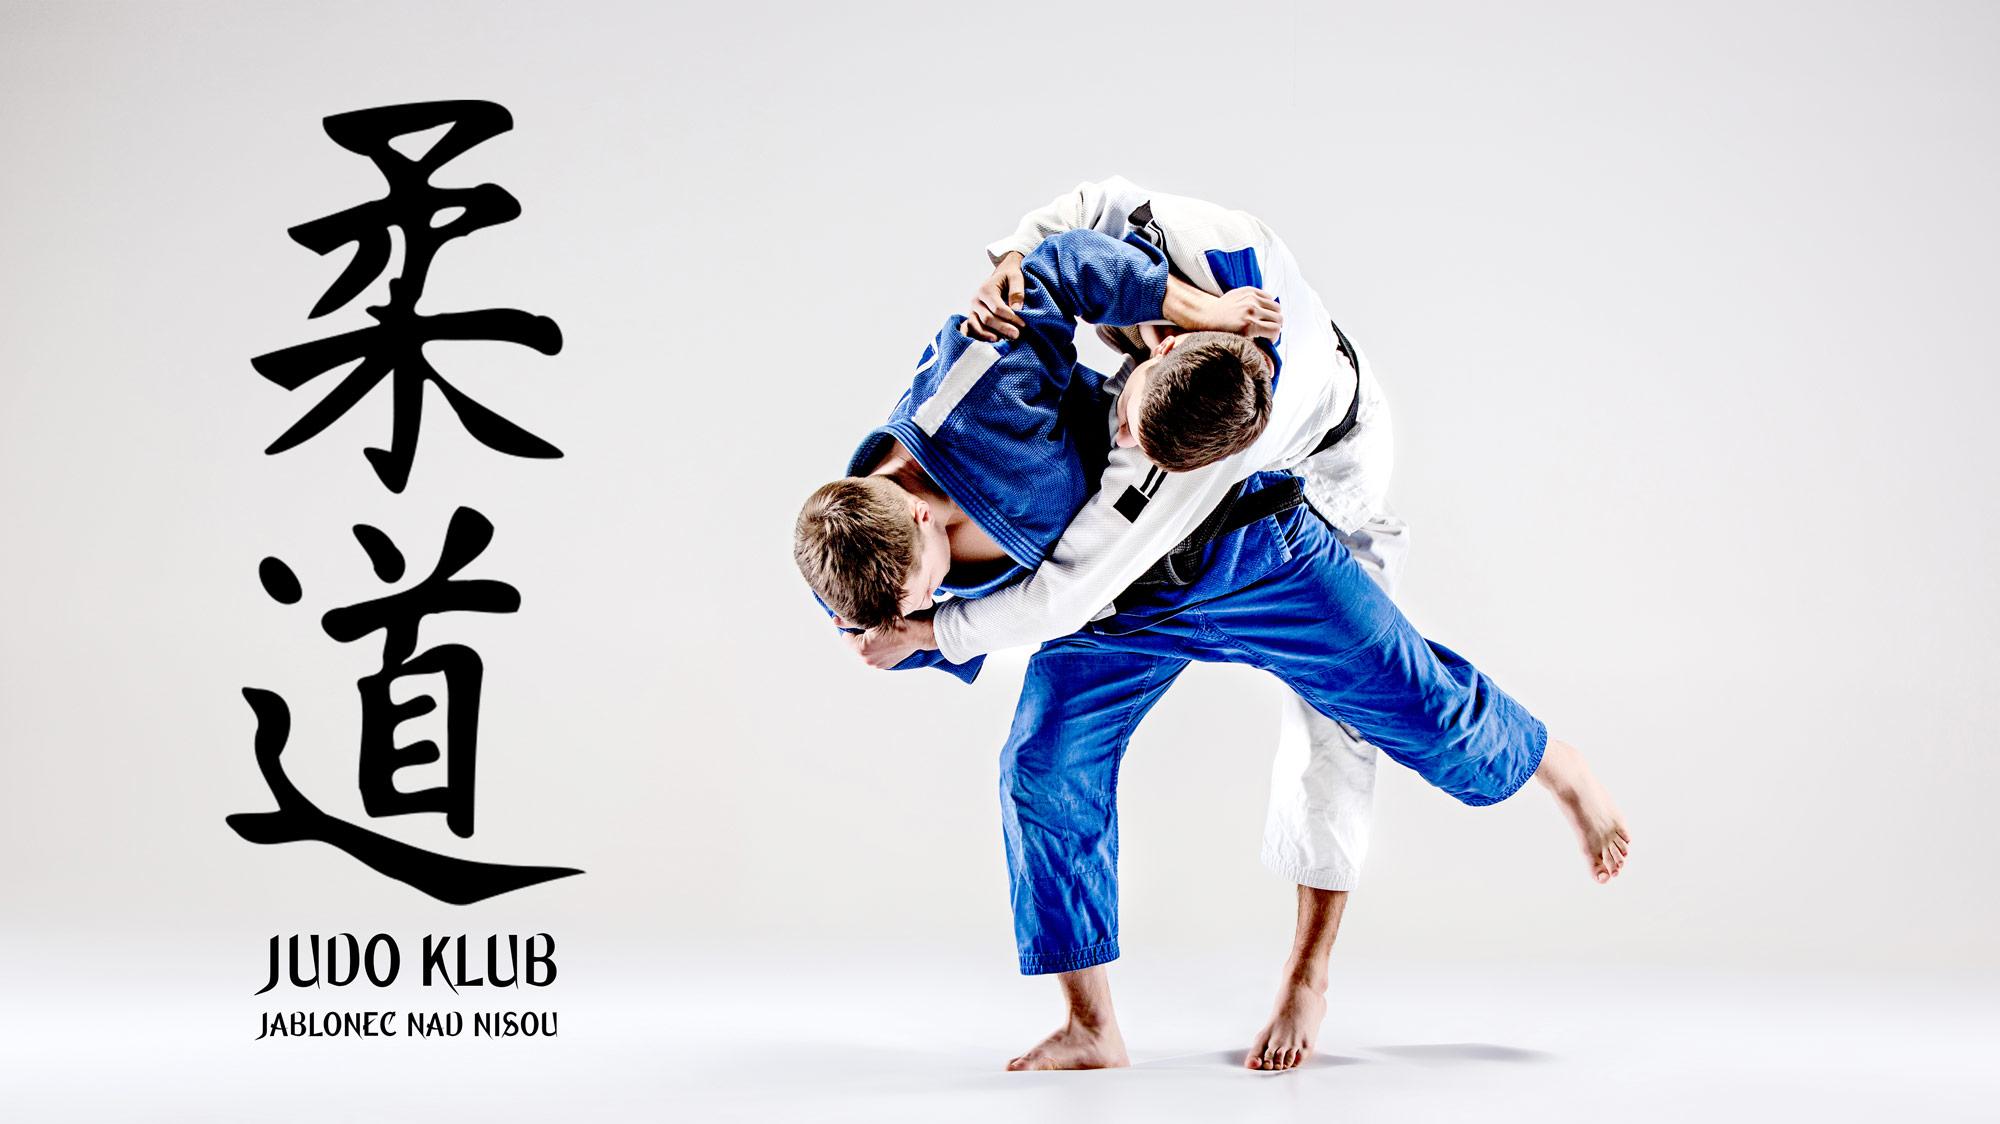 Judo Jablonec